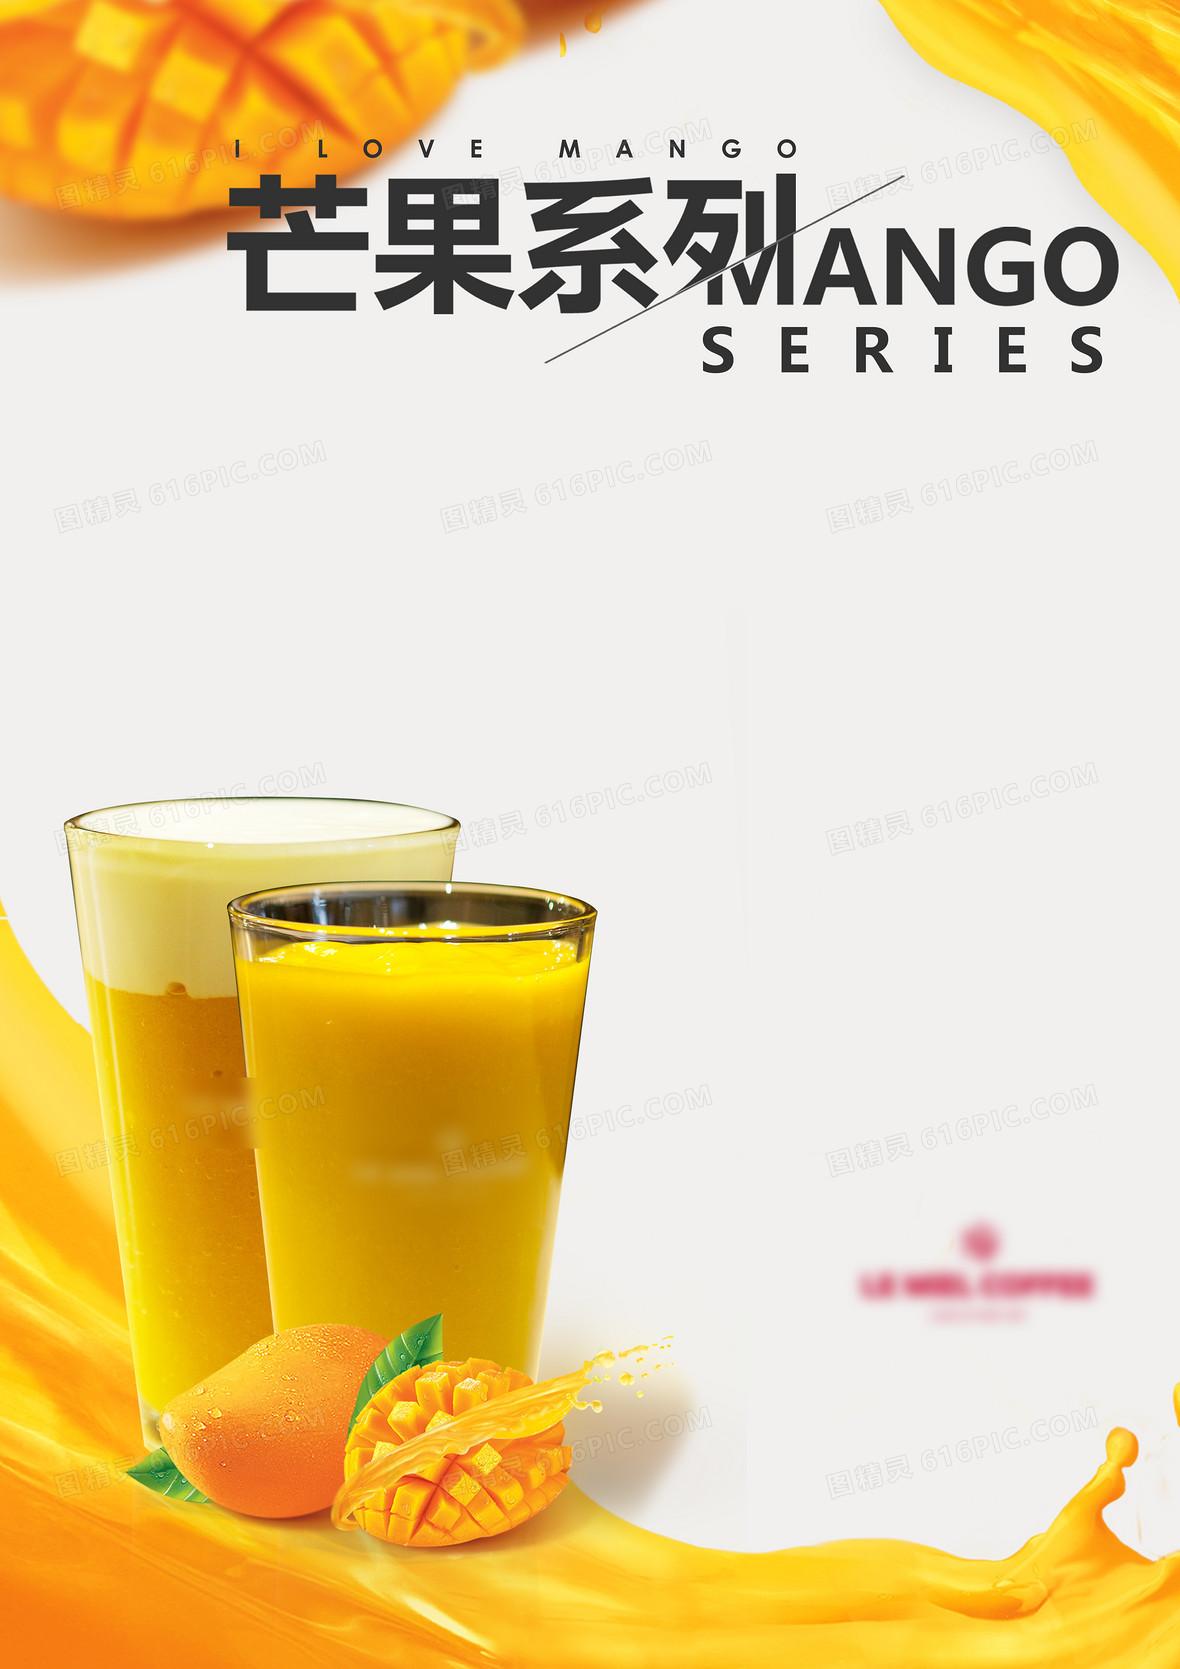 简约芒果饮品海报背景素材